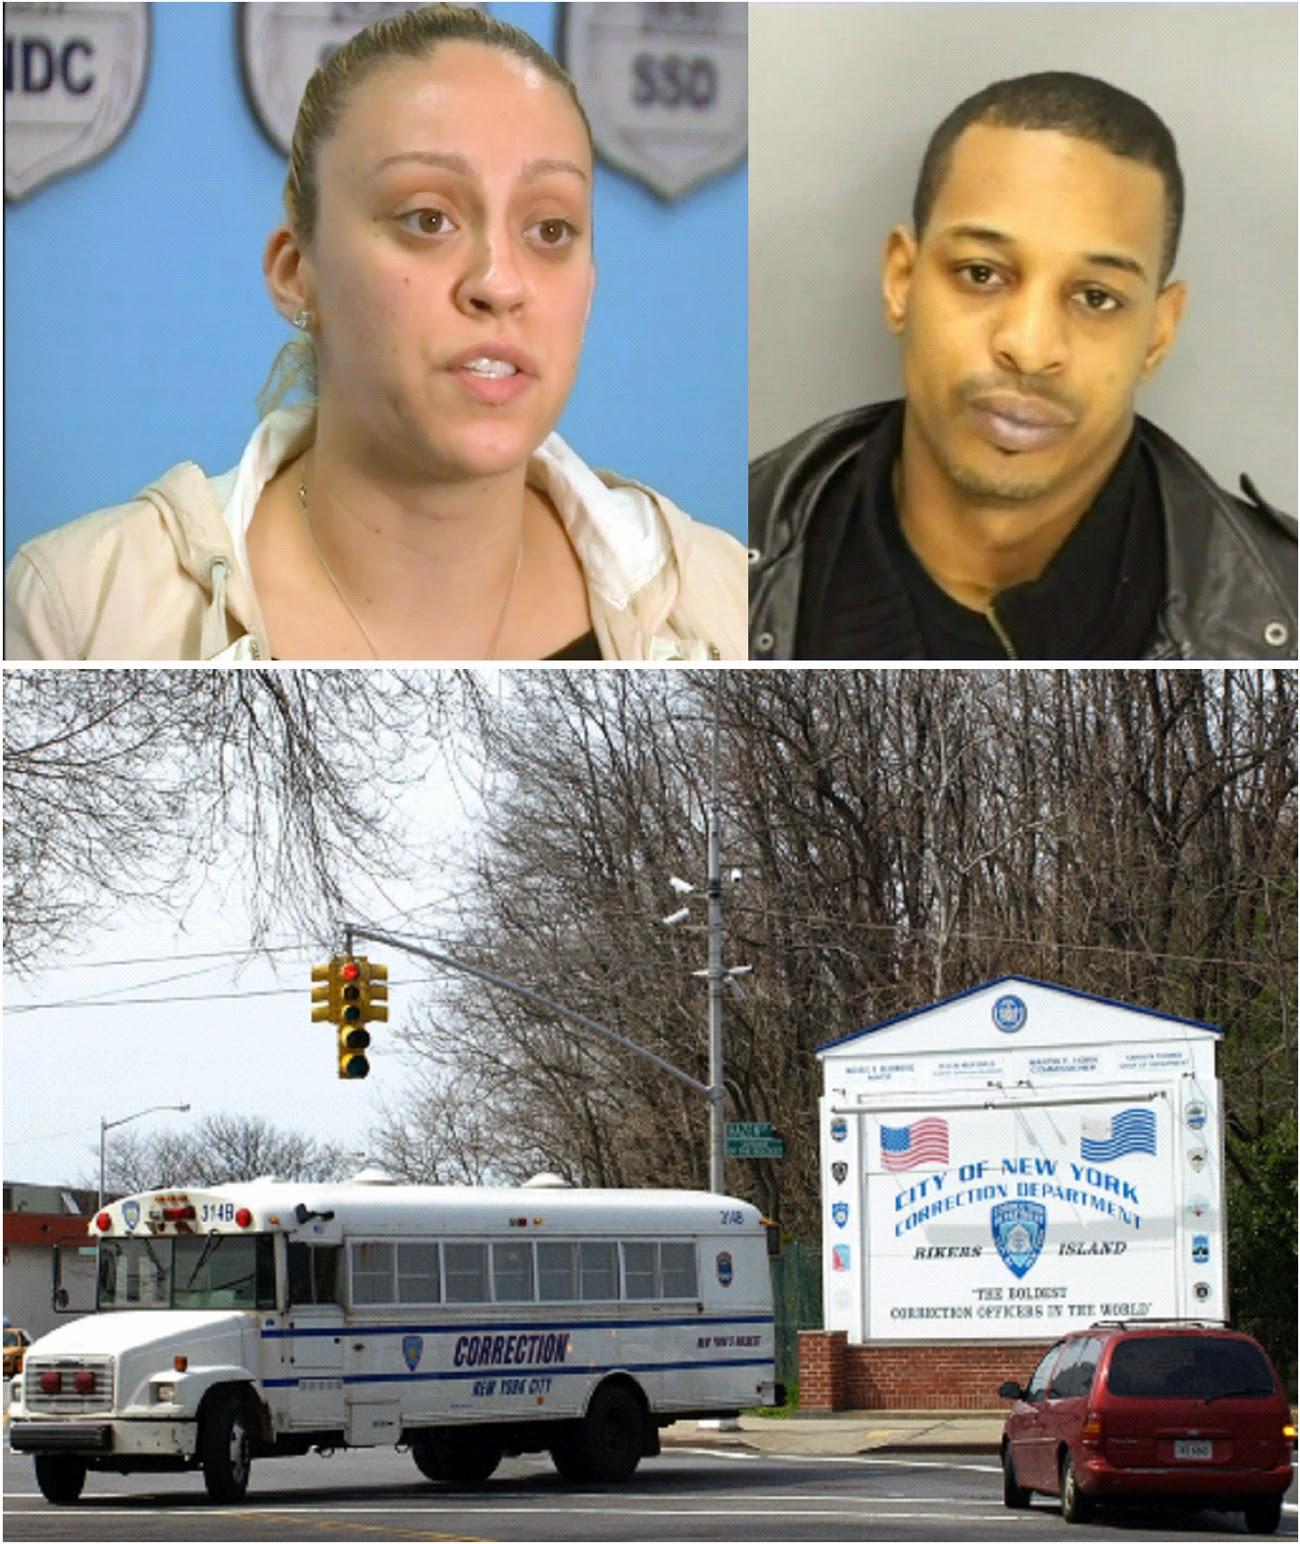 Oficial de corrección dominicana en Rikers Island denuncia que un preso la violó